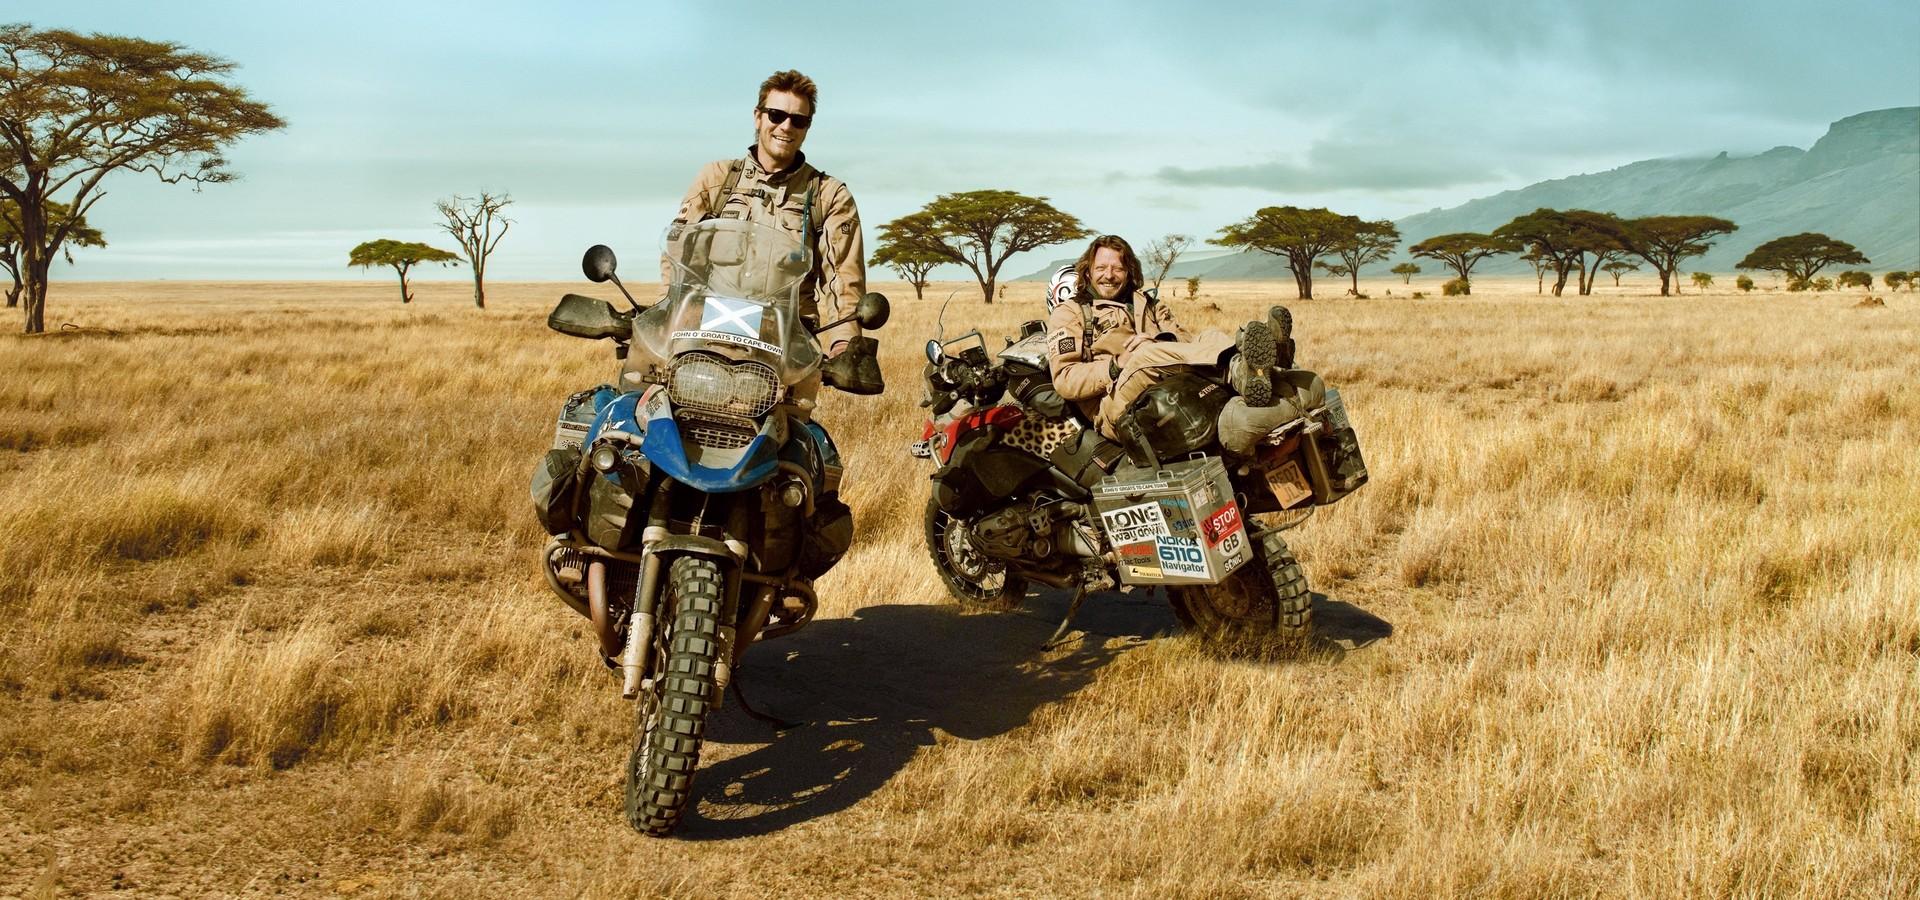 El mundo en moto: La aventura continua